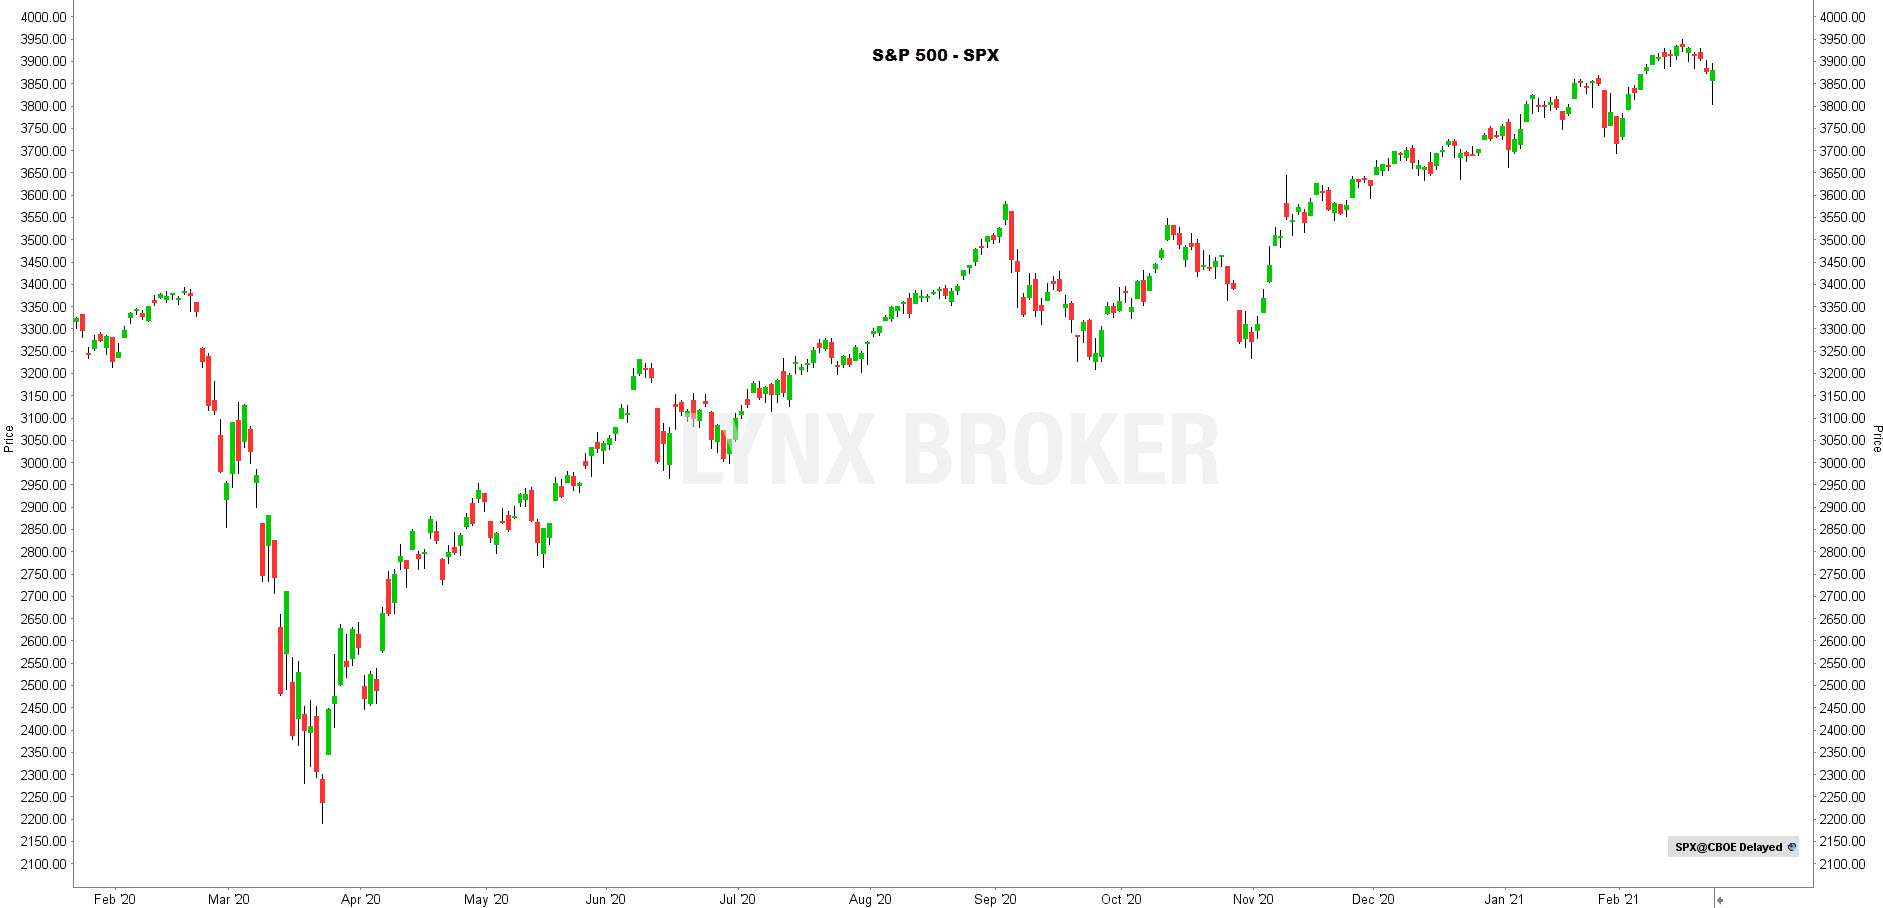 la chronique lynx broker 240221 - graphique SPX